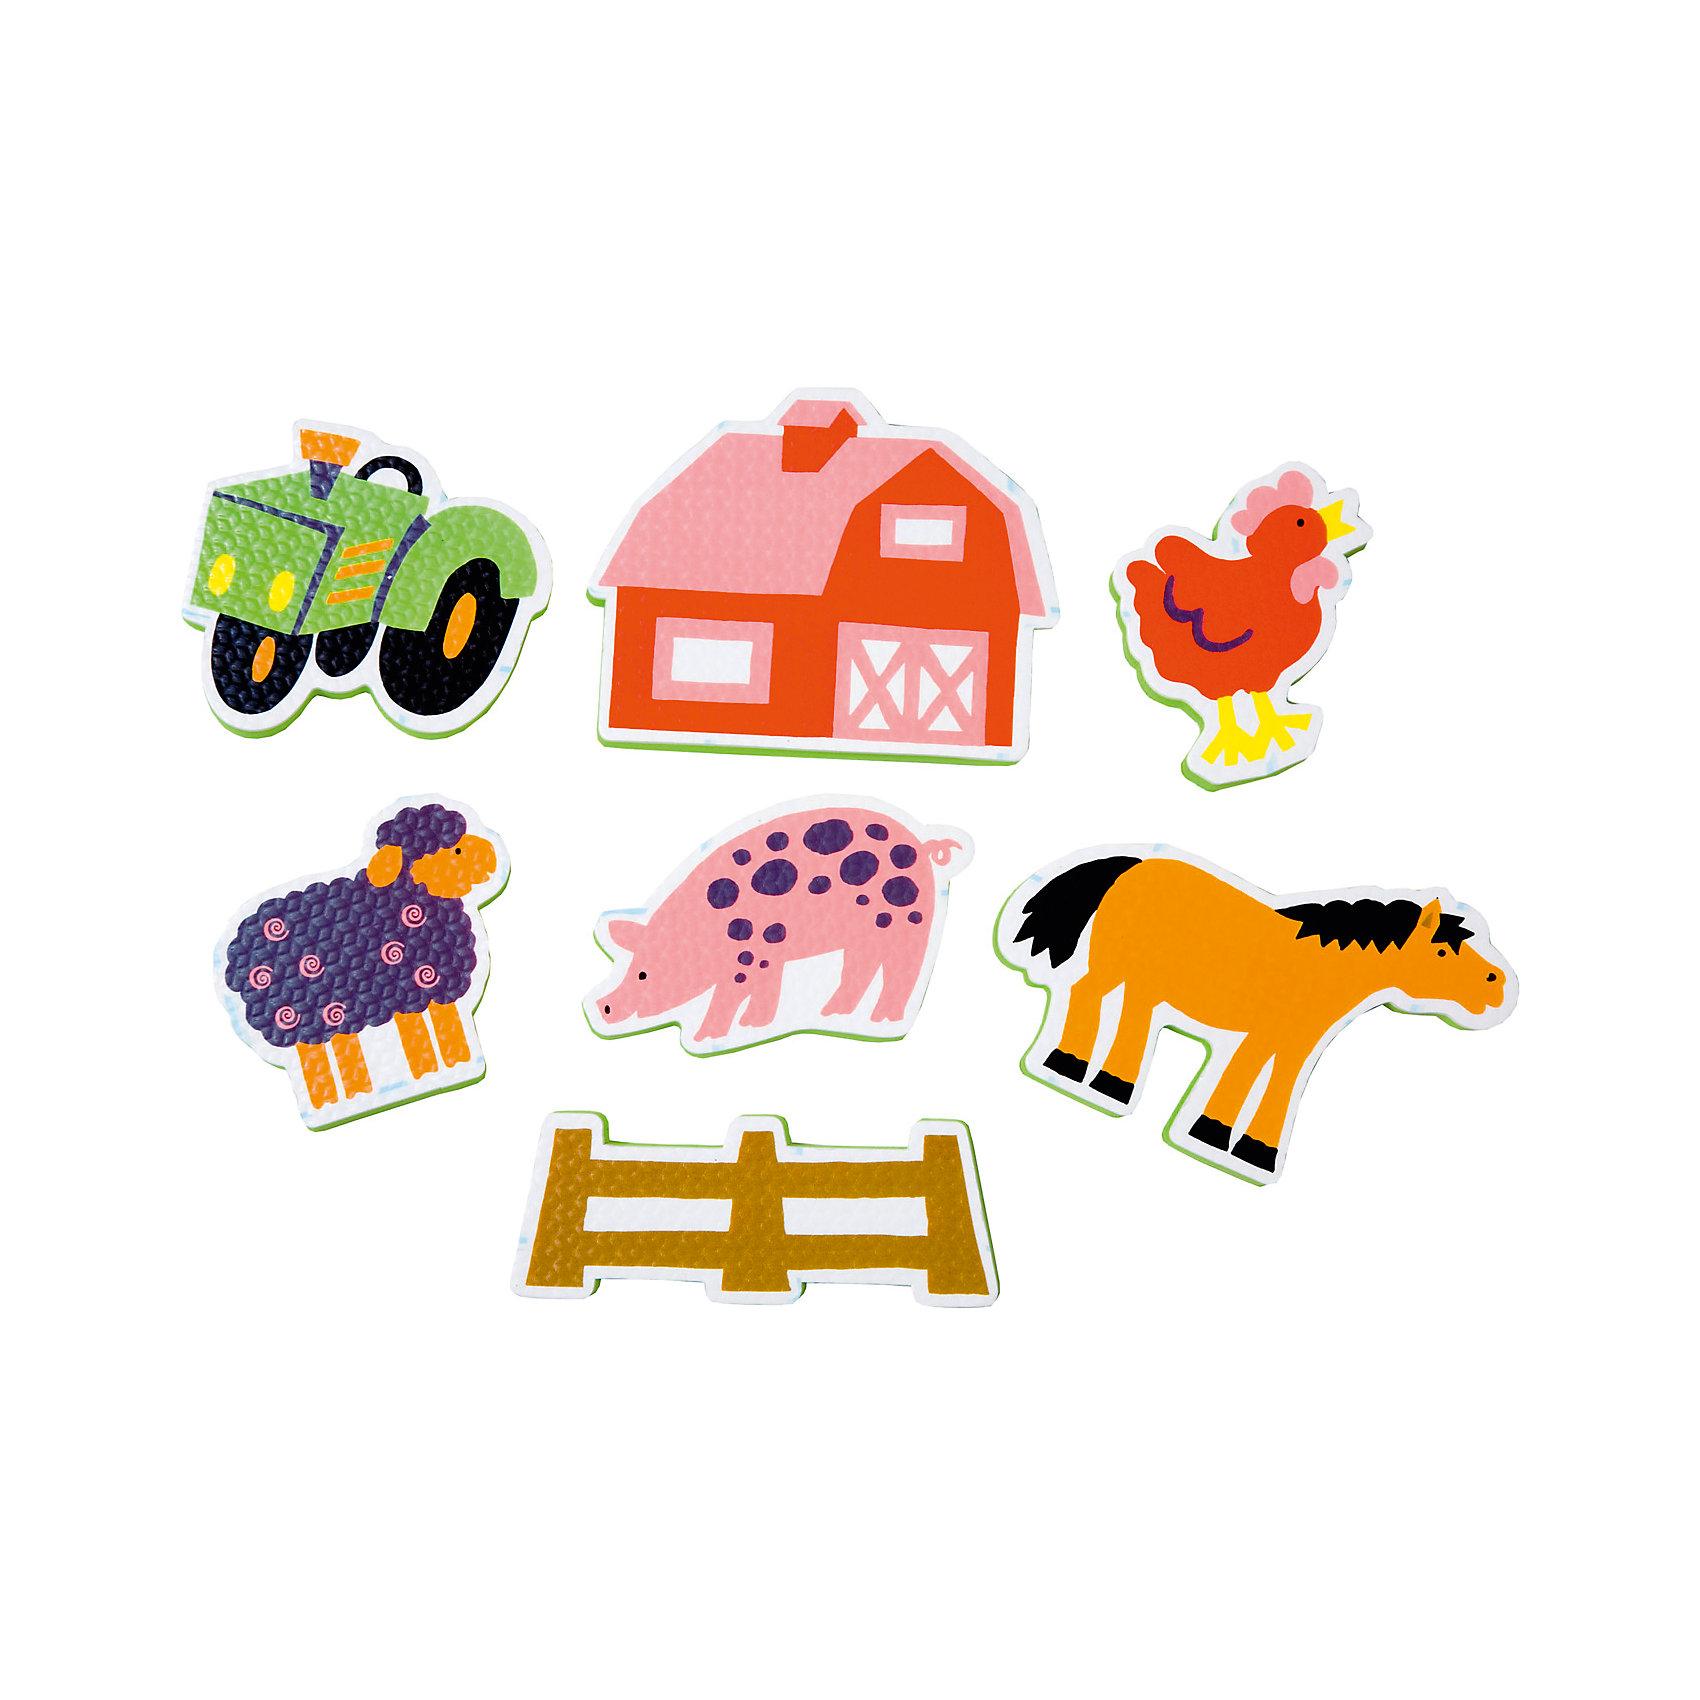 ALEX Набор фигурок-стикеров для ванны Ферма в сетке, ALEX barneybuddy barneybuddy игрушки для ванны стикеры веселая ферма